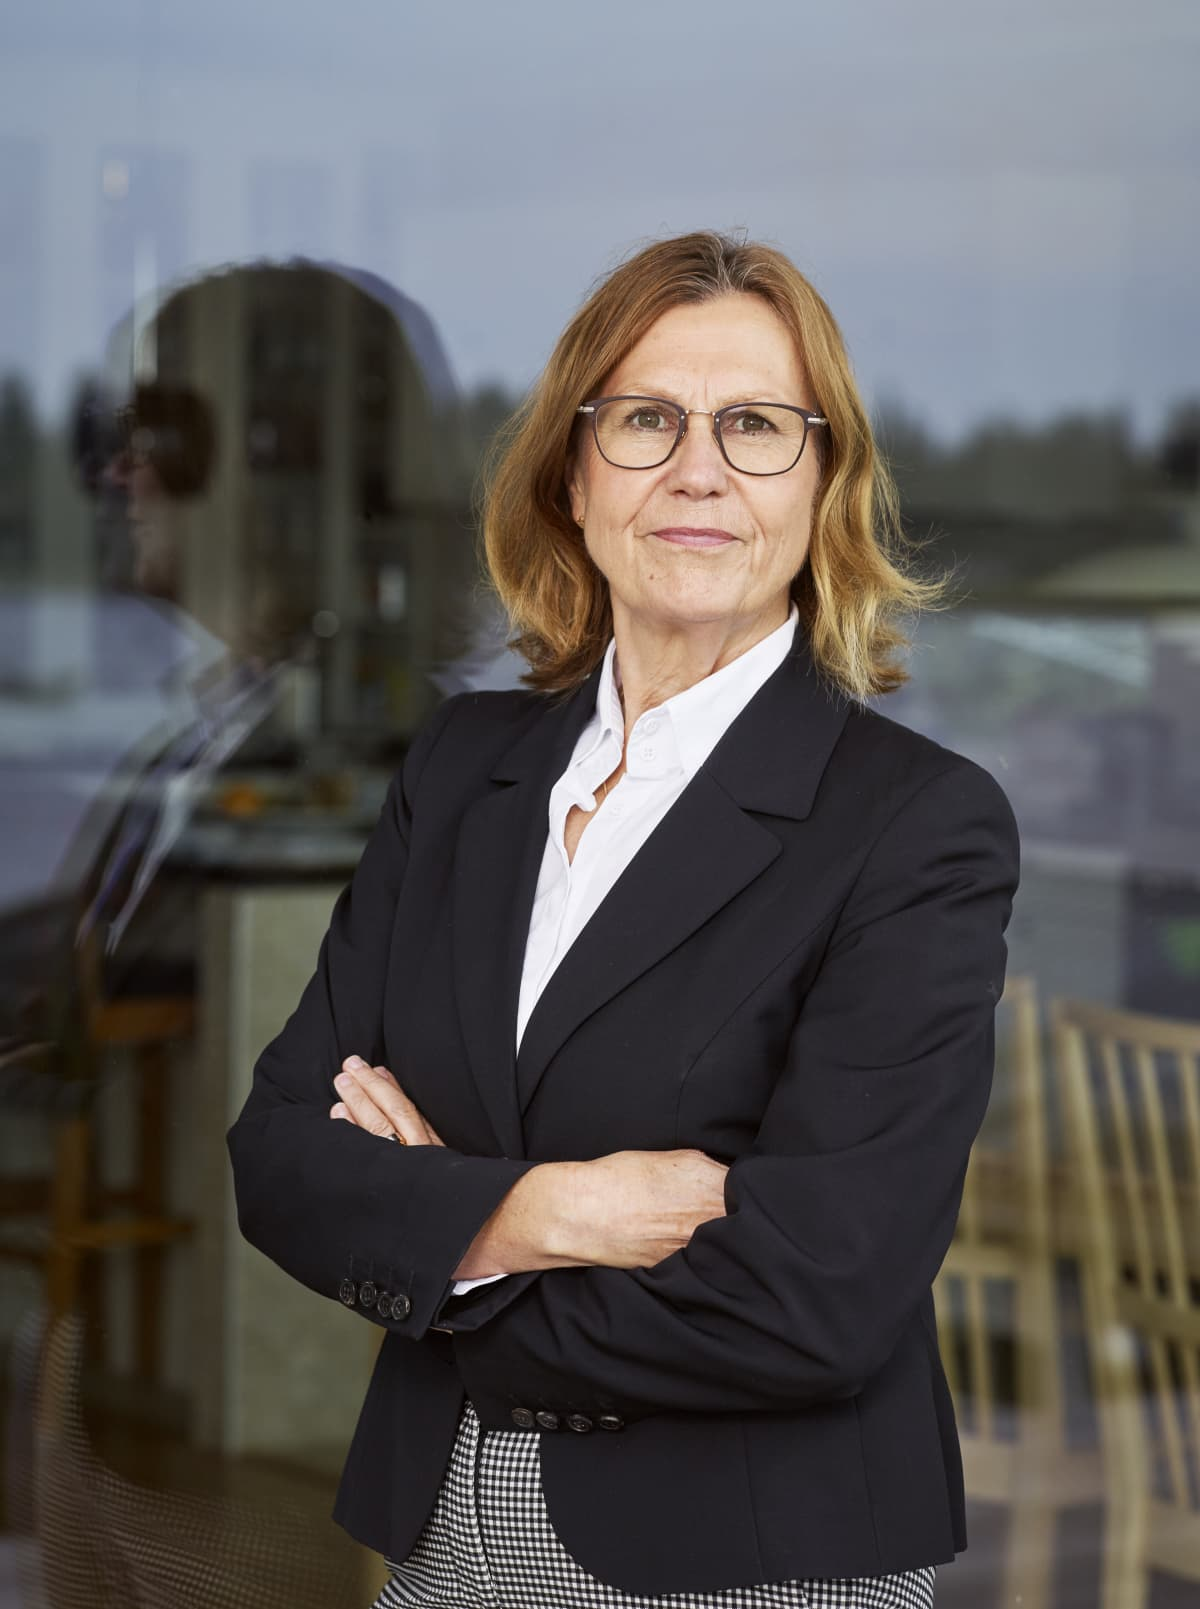 Anna-Stina Nordmark Nilsson, regiondirektör för region Norrbotten.